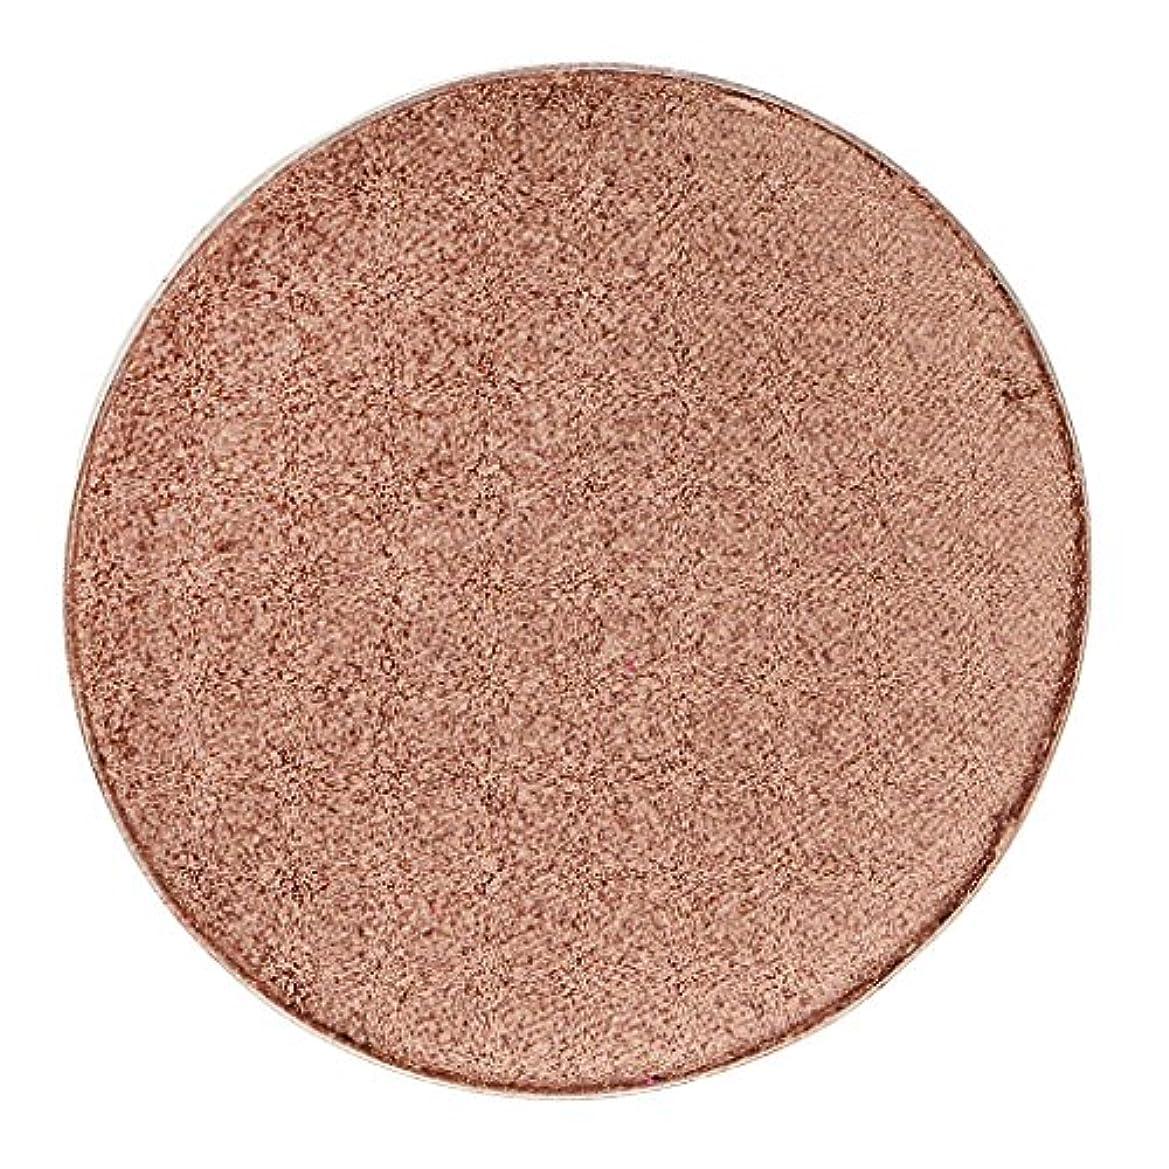 稼ぐ養う増強する美容キラキラアイシャドウパレット化粧品アイシャドウメイク5色 - #39ブラウン